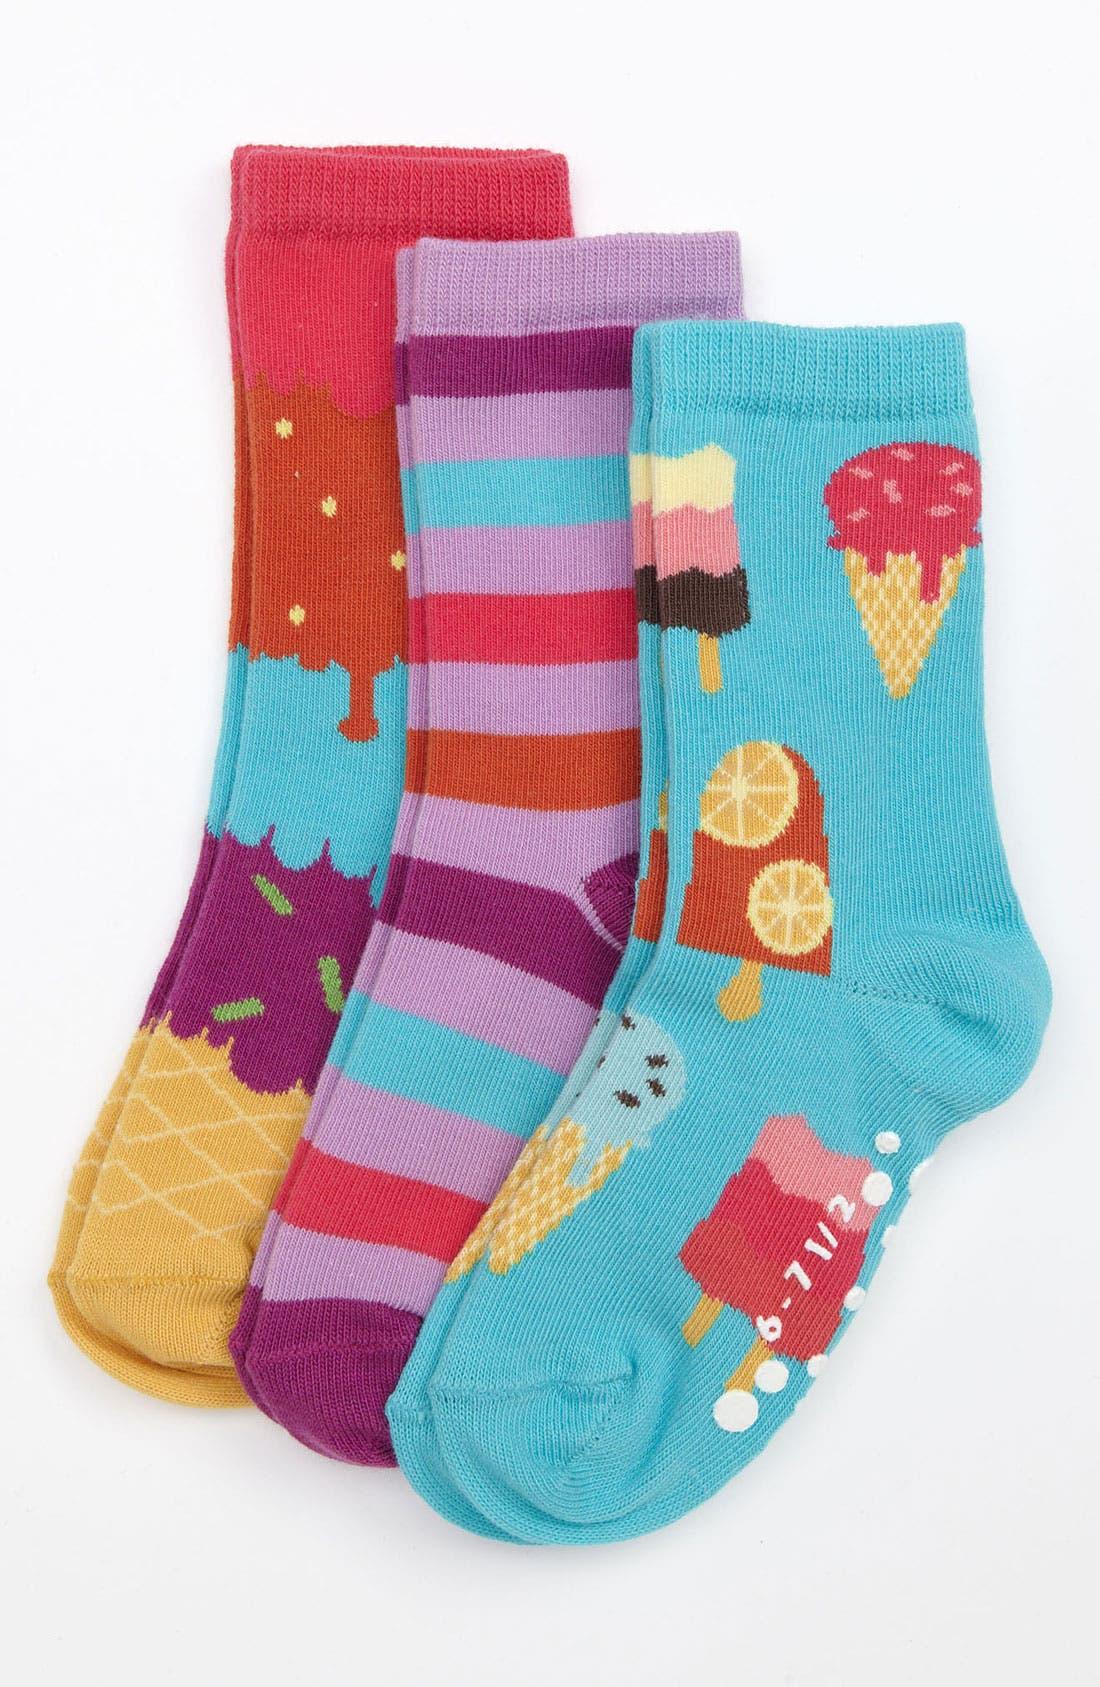 Main Image - Nordstrom 'Ice Cream Social' Socks (3-Pack) (Toddler & Little Girls)